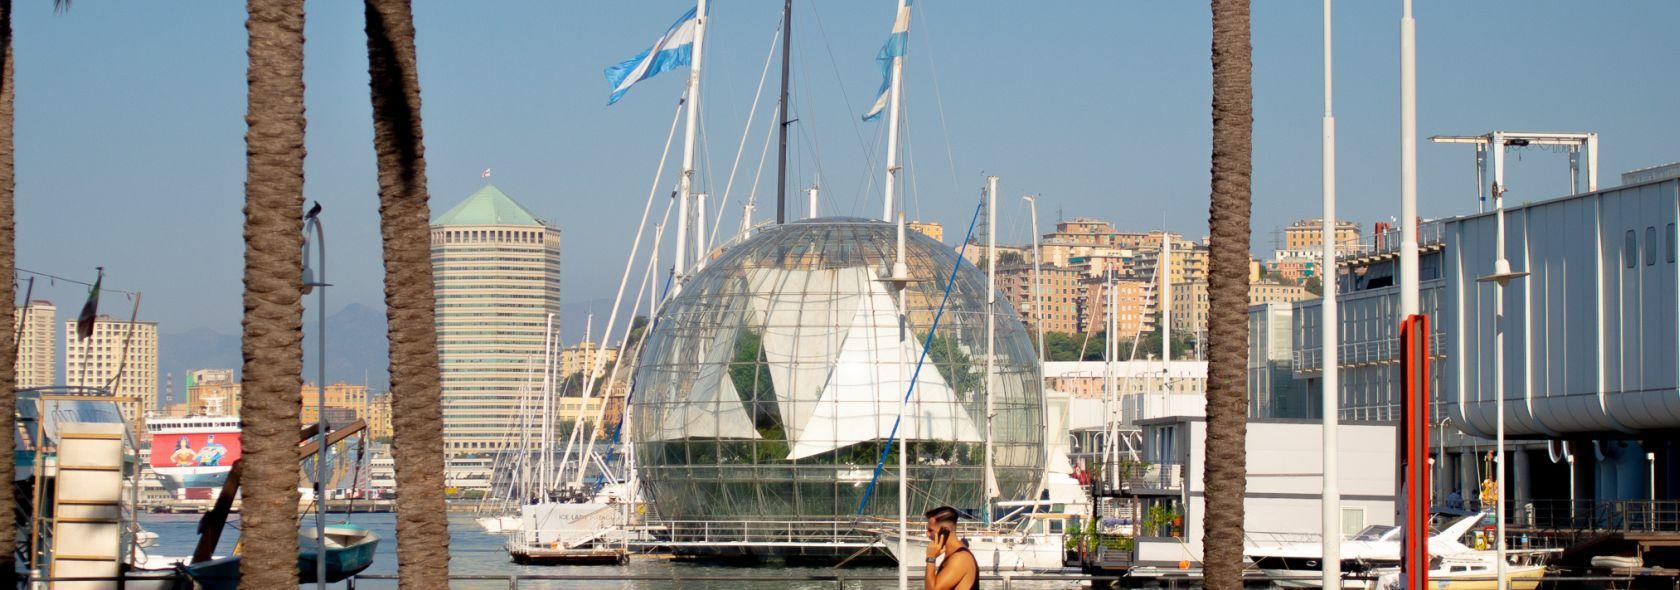 Porto Antico - Biosfera